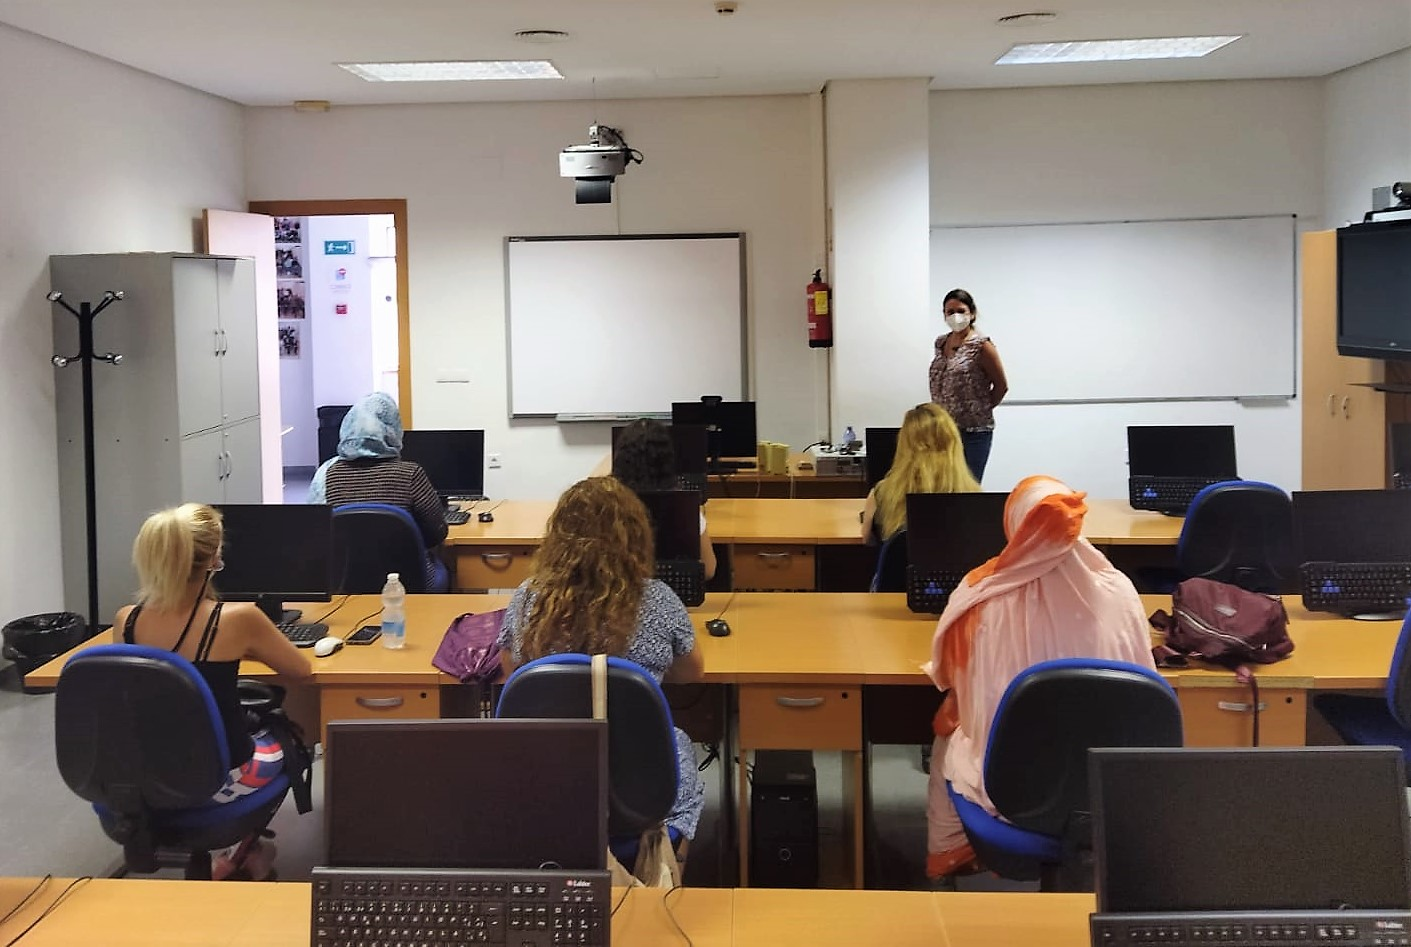 El Ayuntamiento de Elda pone en marcha un programa formativo para facilitar la inserción laboral a mujeres de Elda en riesgo de exclusión